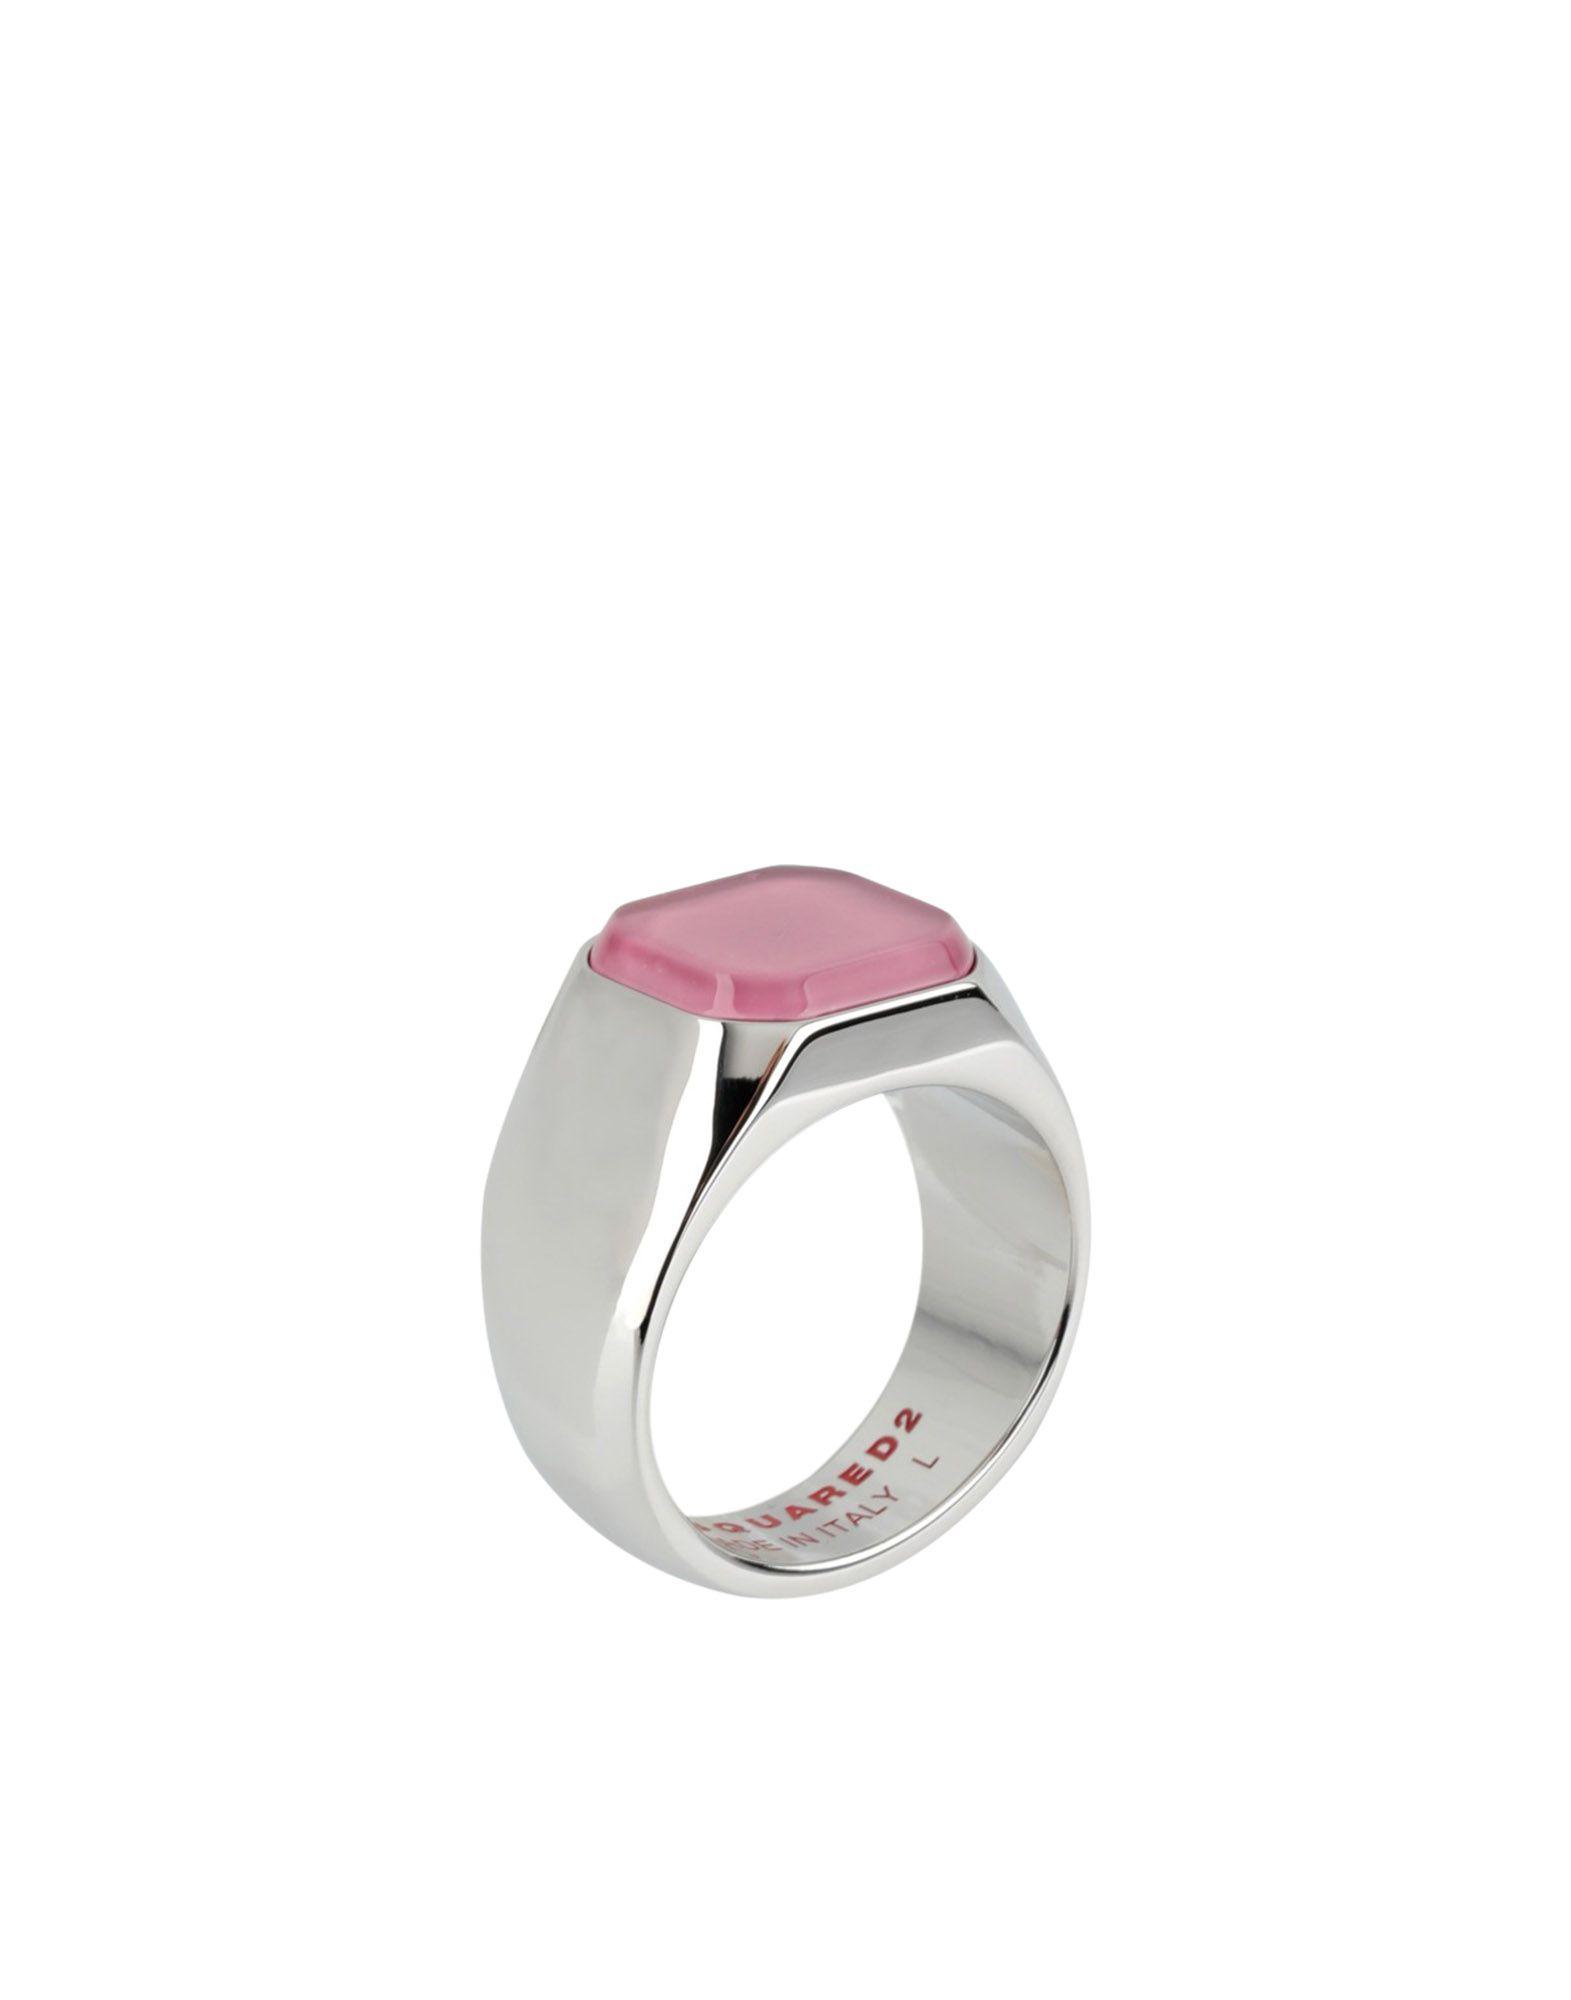 《送料無料》DSQUARED2 メンズ 指輪 ピンク S 真鍮/ブラス 90% / スチール 10%